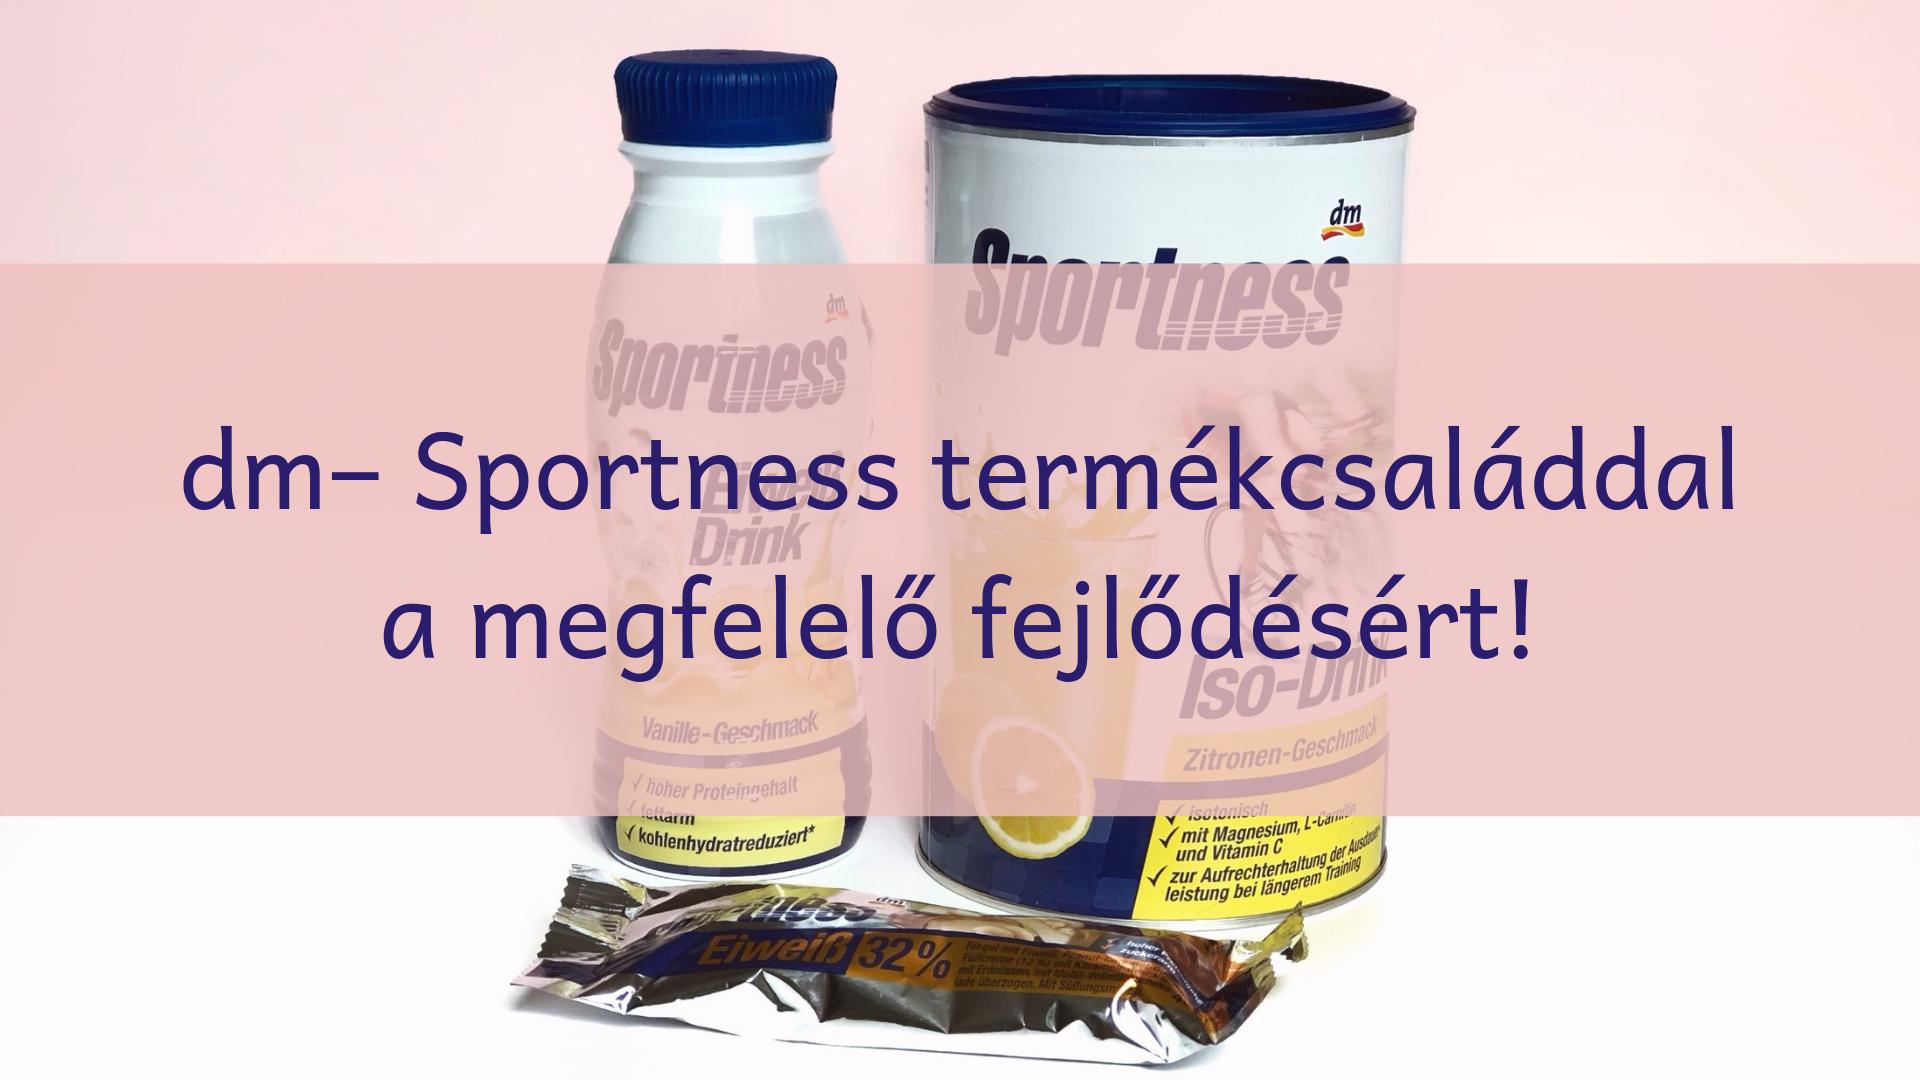 dm – Sportness termékcsaláddal a megfelelő fejlődésért!